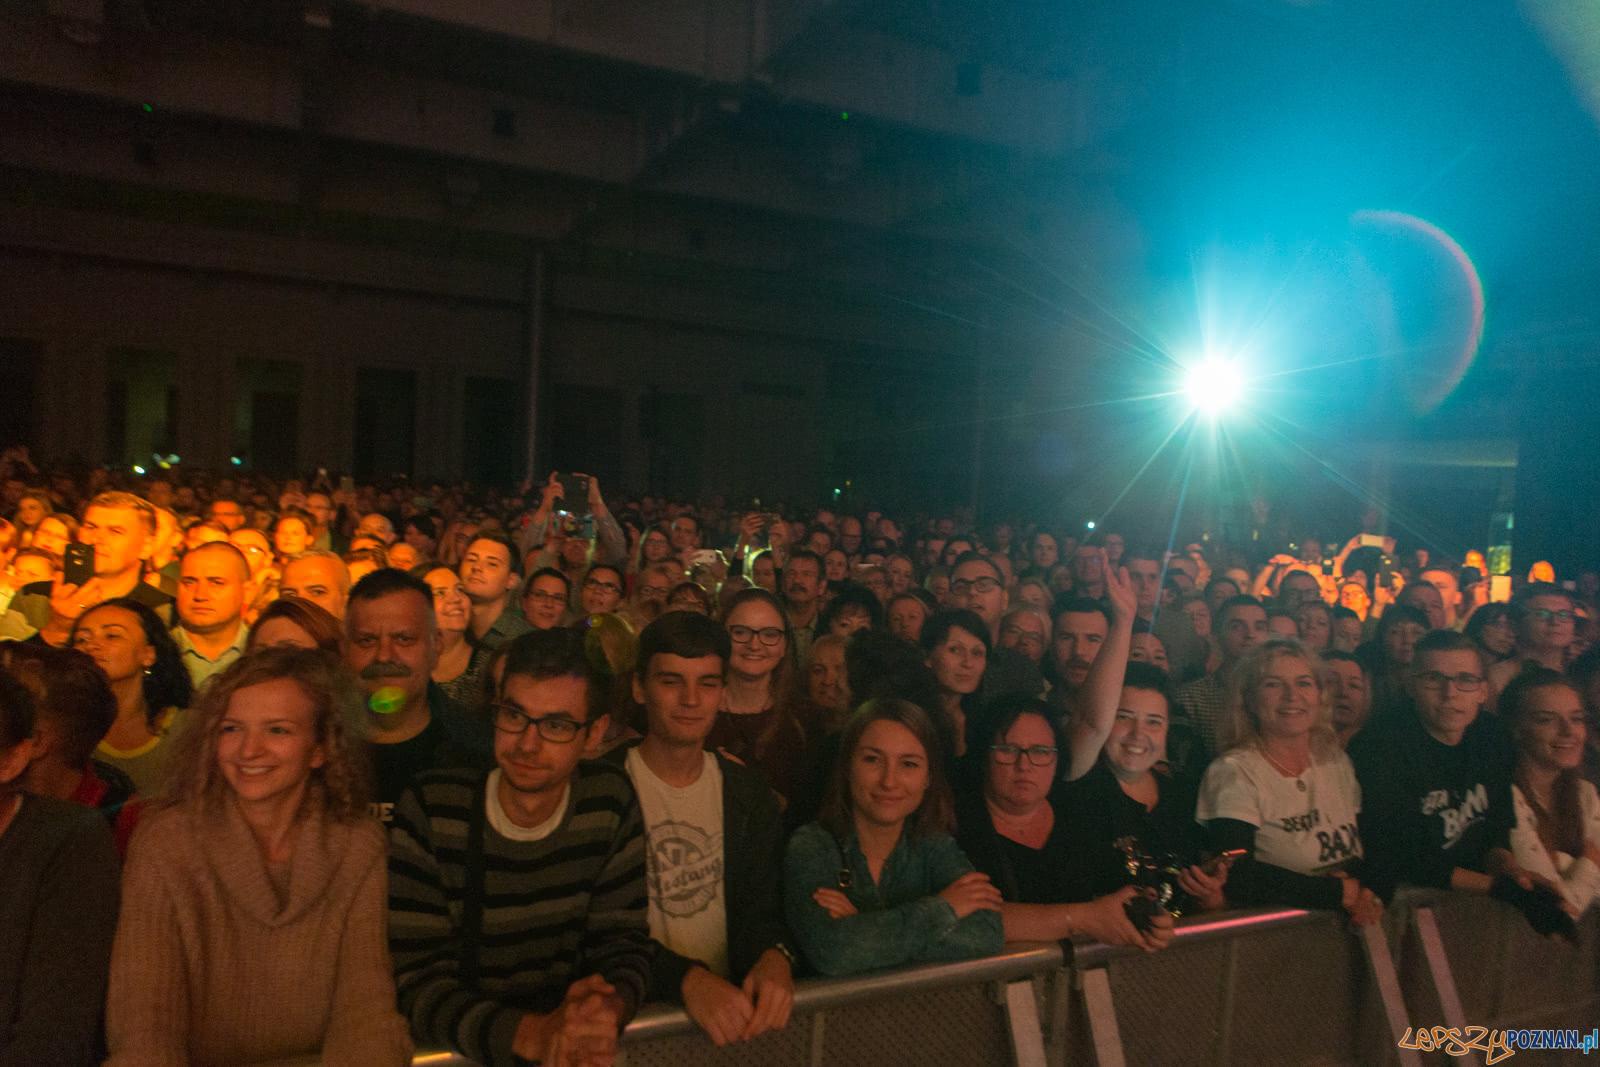 Beata i Bajm - 40-lecie - w hali 3A MTP - Poznań 13.11.2018 r.  Foto: LepszyPOZNAN.pl / Paweł Rychter